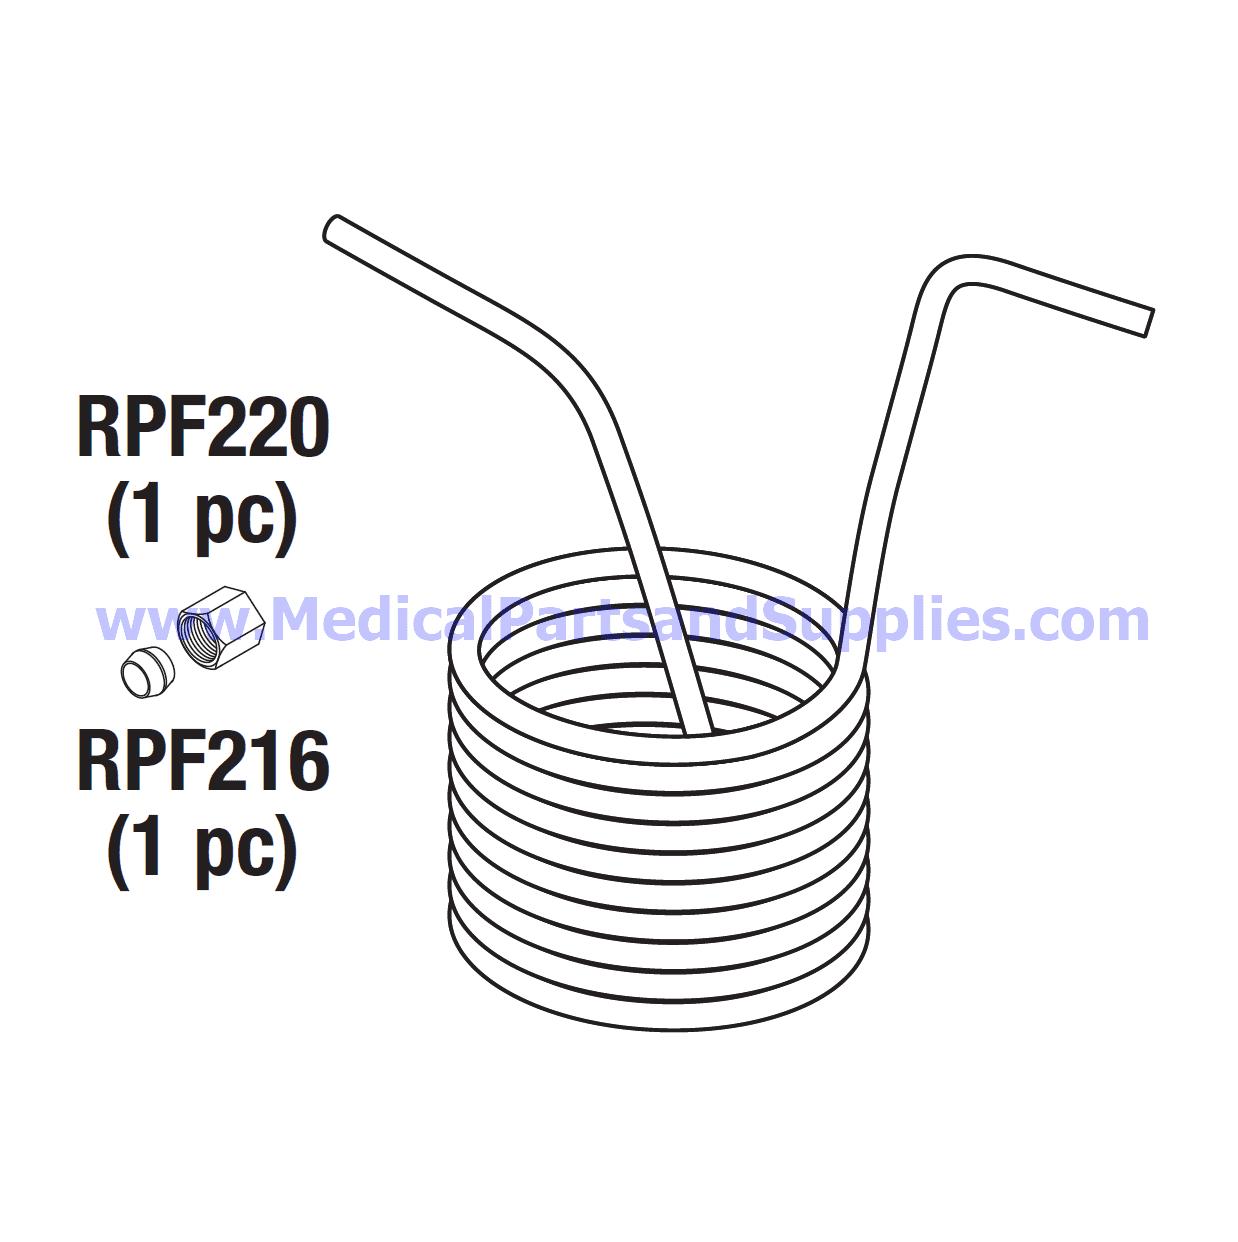 Condensation Coil for the Tuttnauer® EZ9, Part TUC040 (OEM